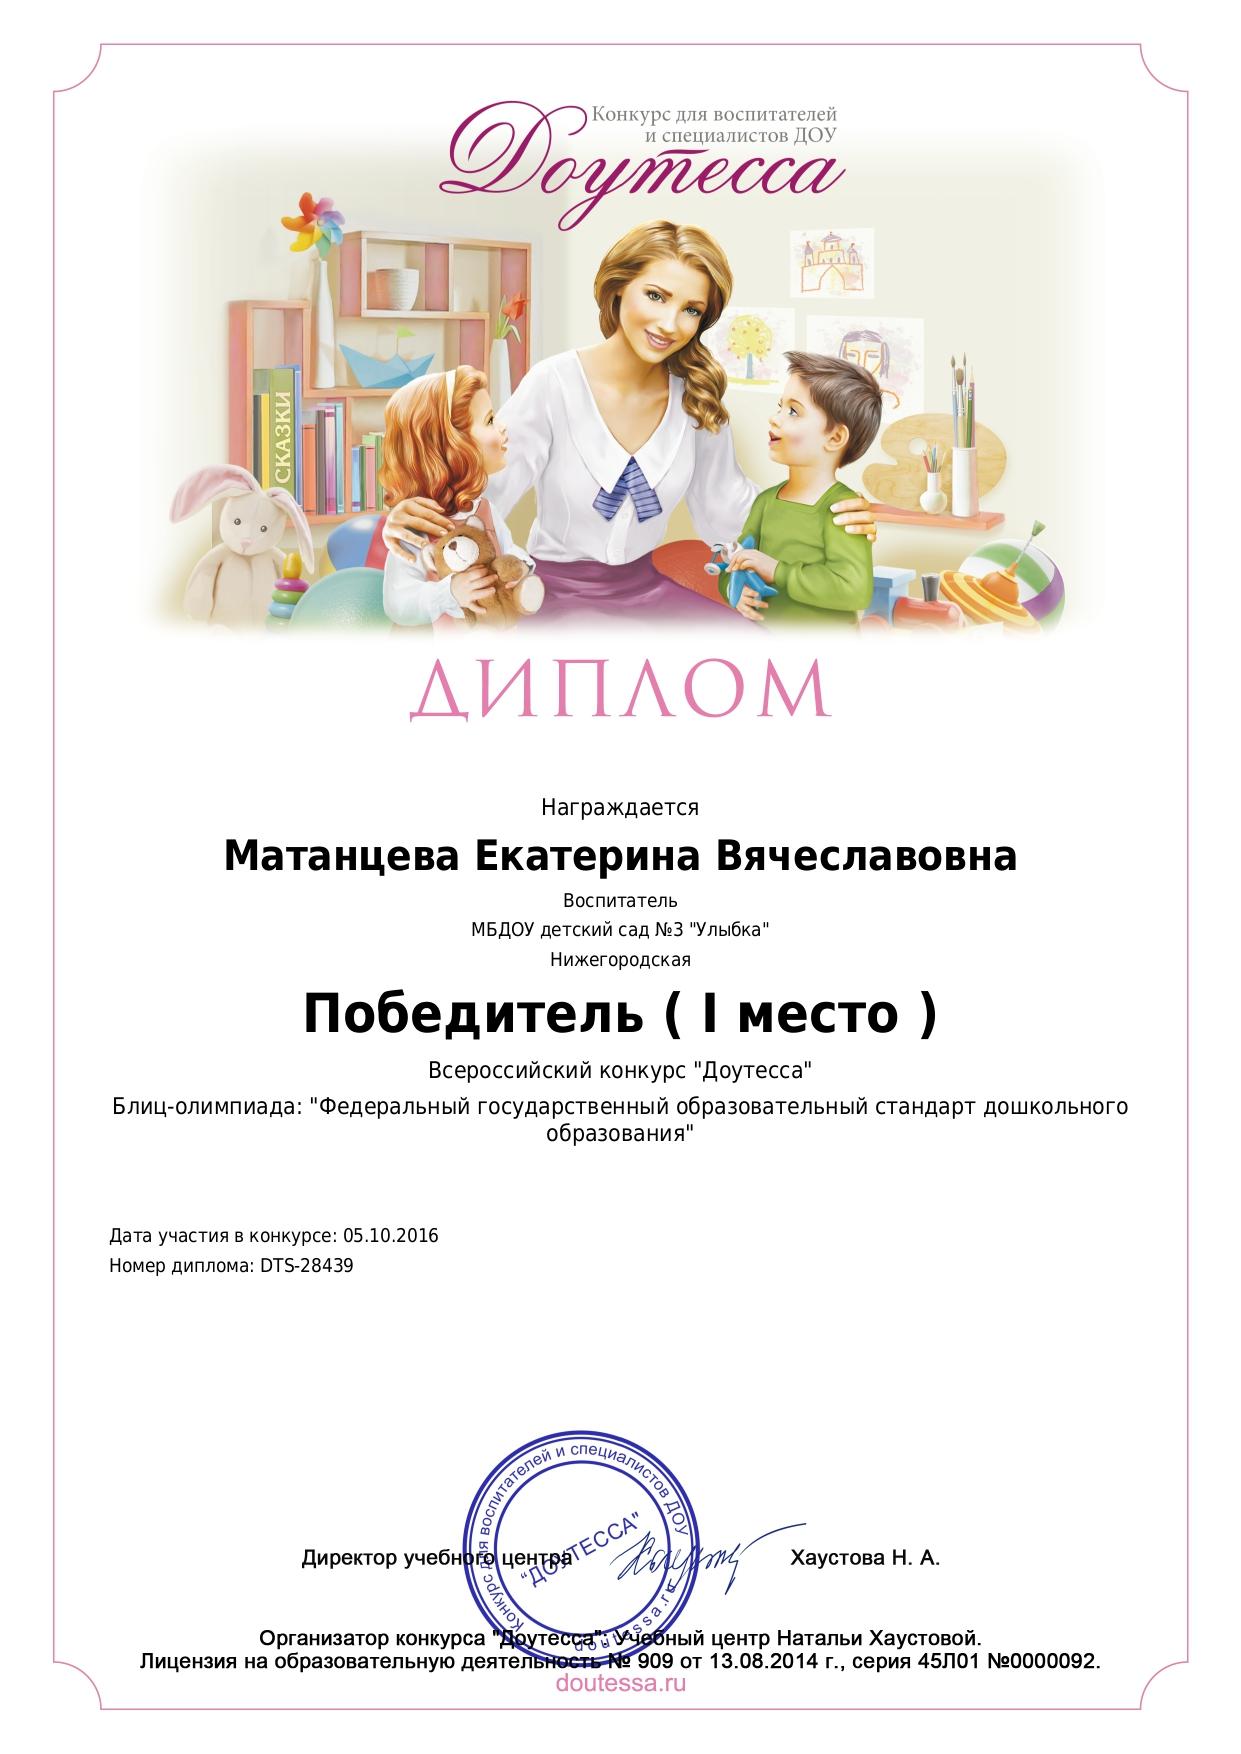 diplom_author_28439-1_page-0001.jpg